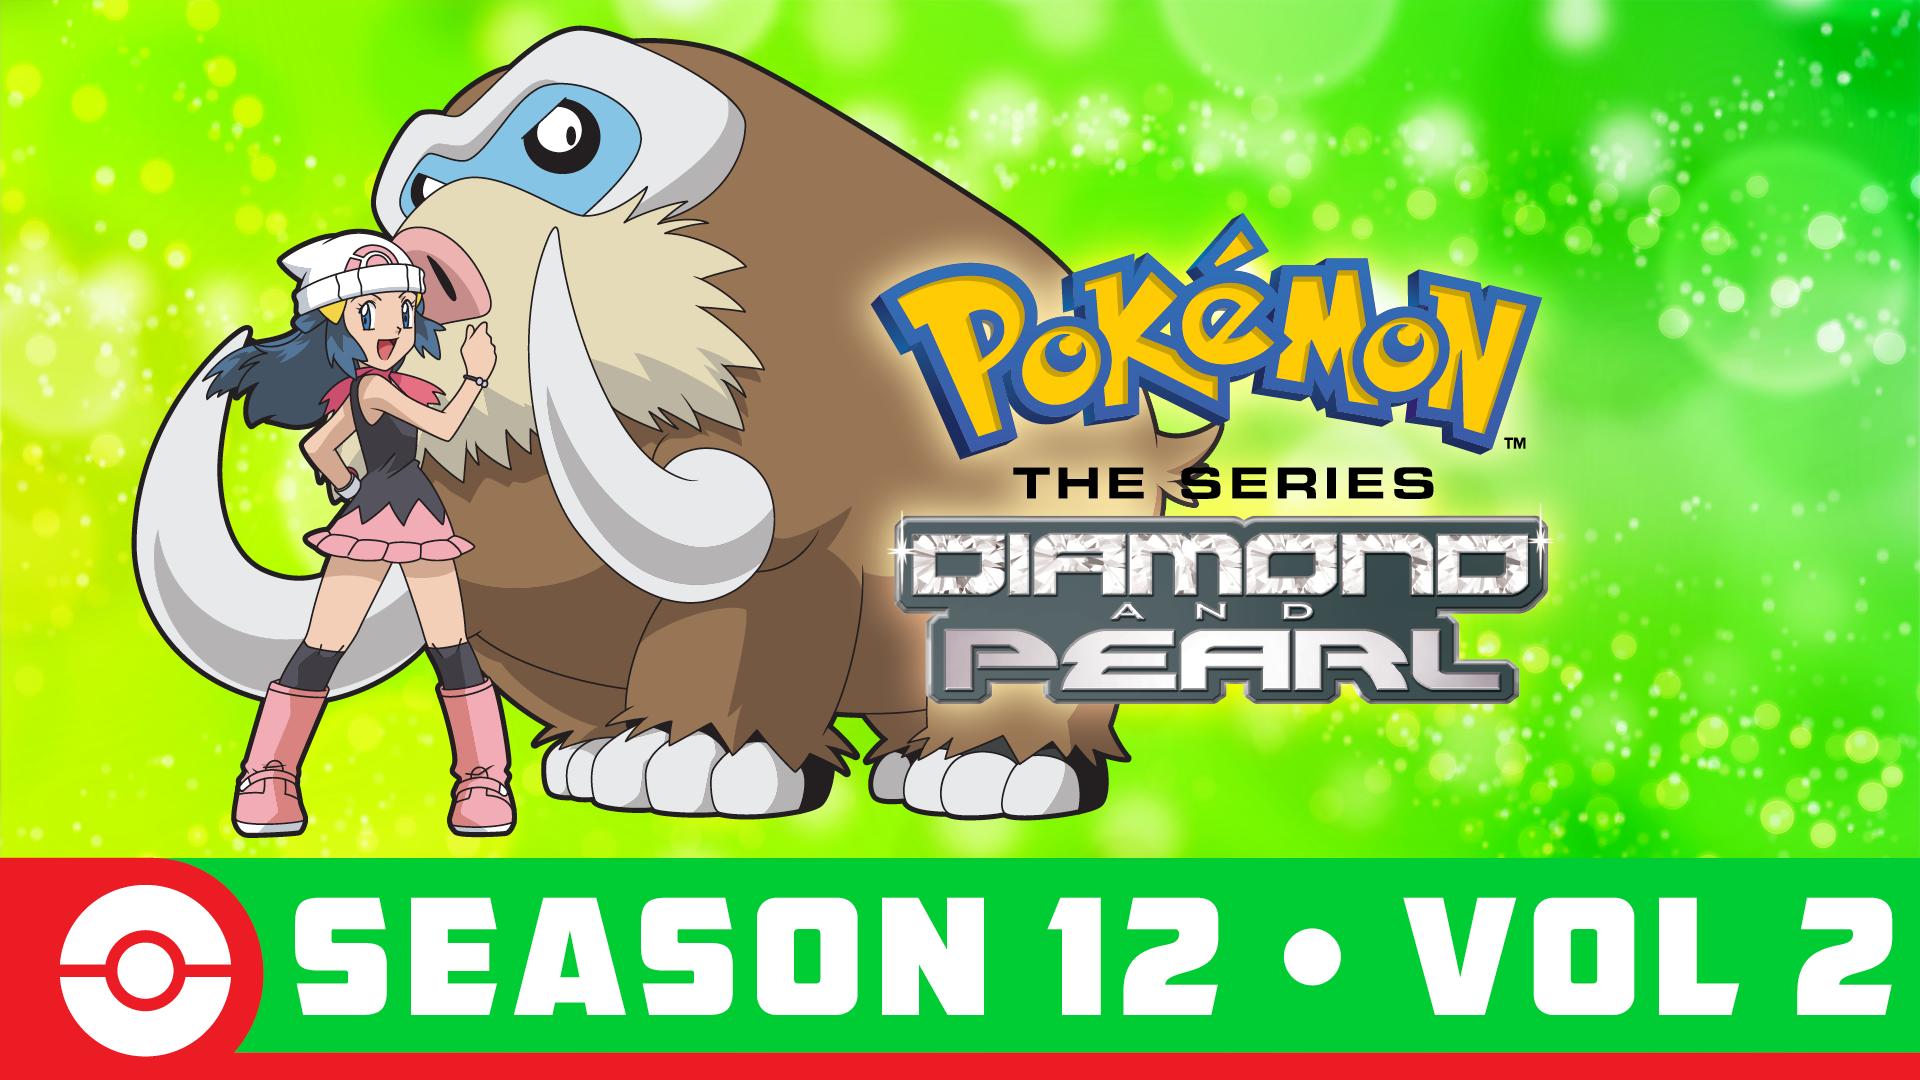 Pokémon the Series: Diamond and Pearl - Season 1202